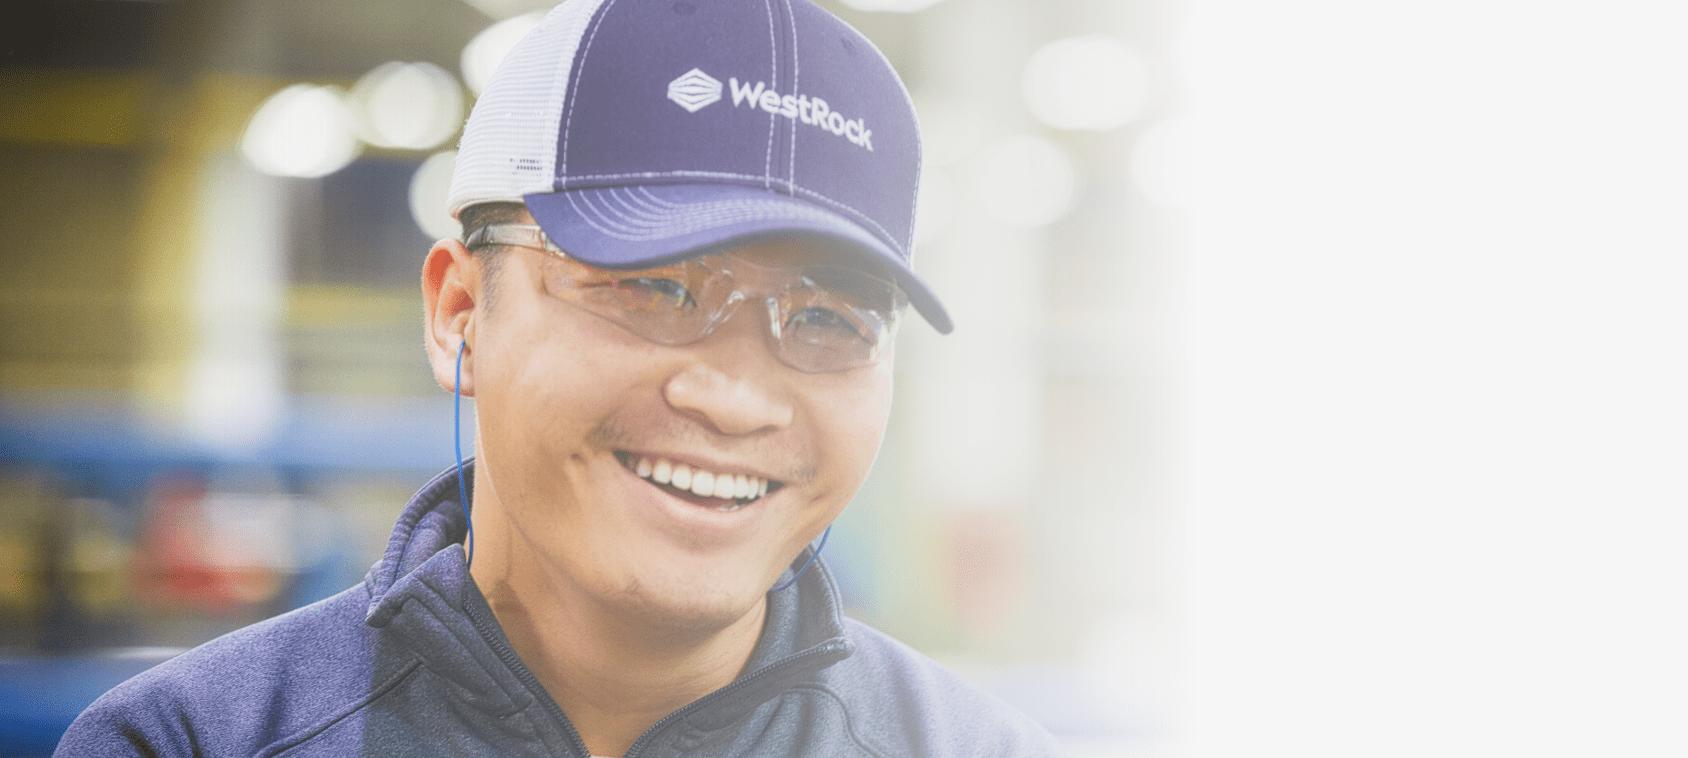 Empregos na WestRock variam desde fabricação e contabilidade até marketing e vendas.